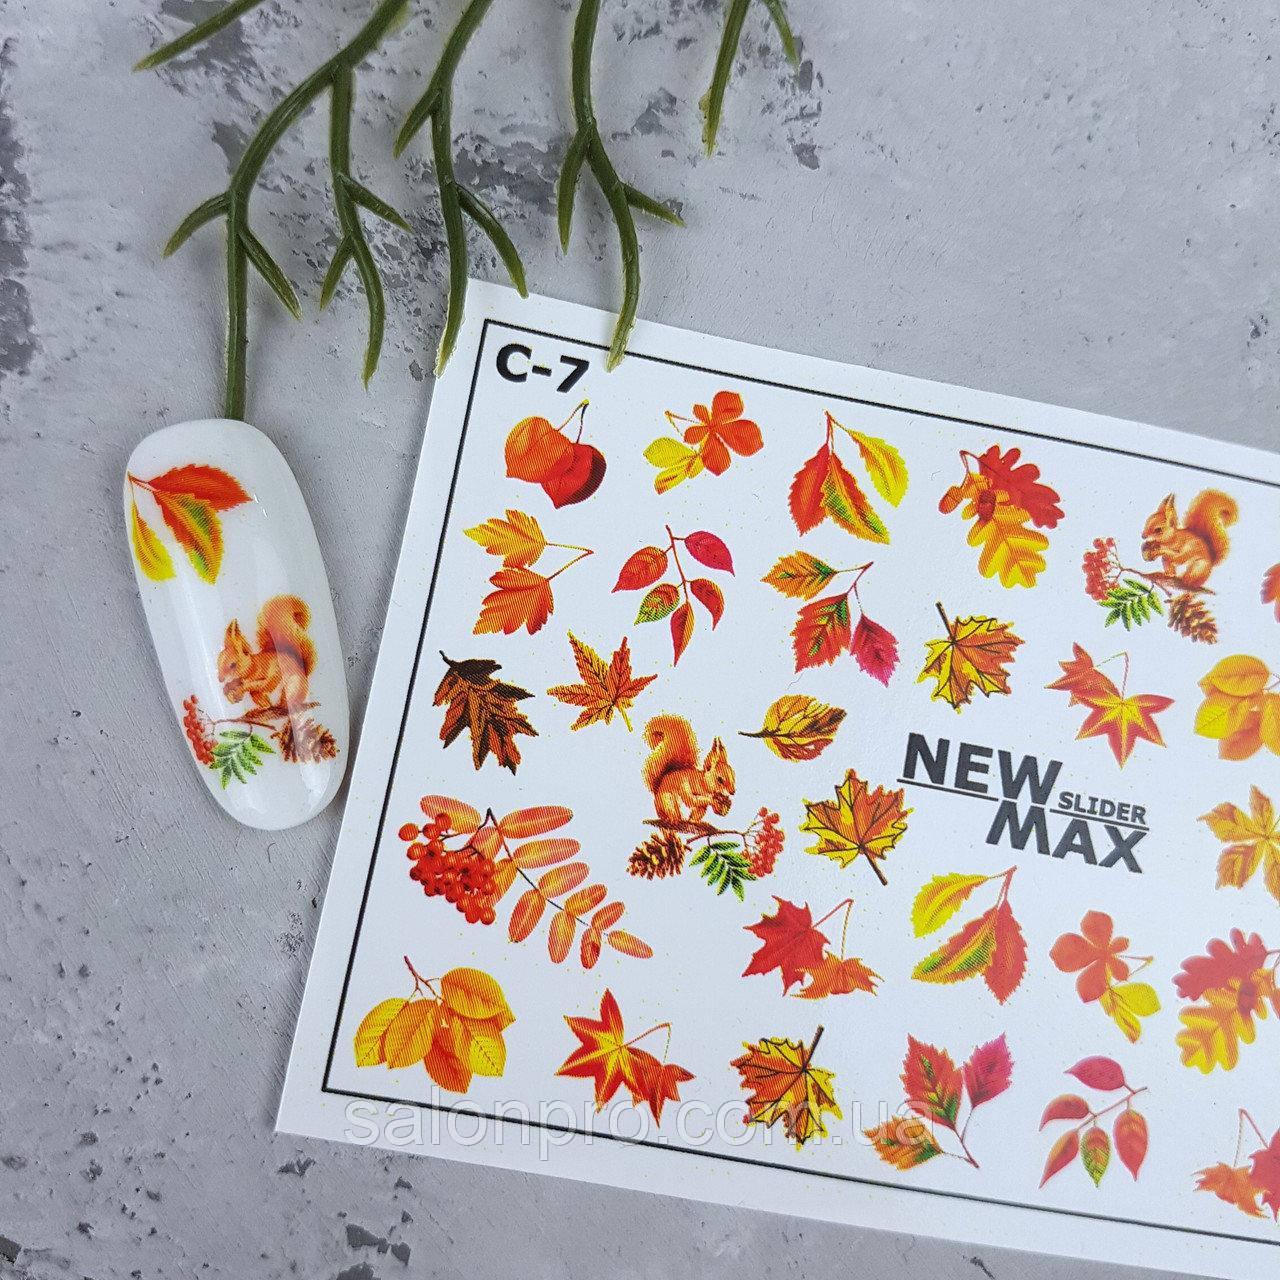 Слайдер-дизайн C-7 New Max Color